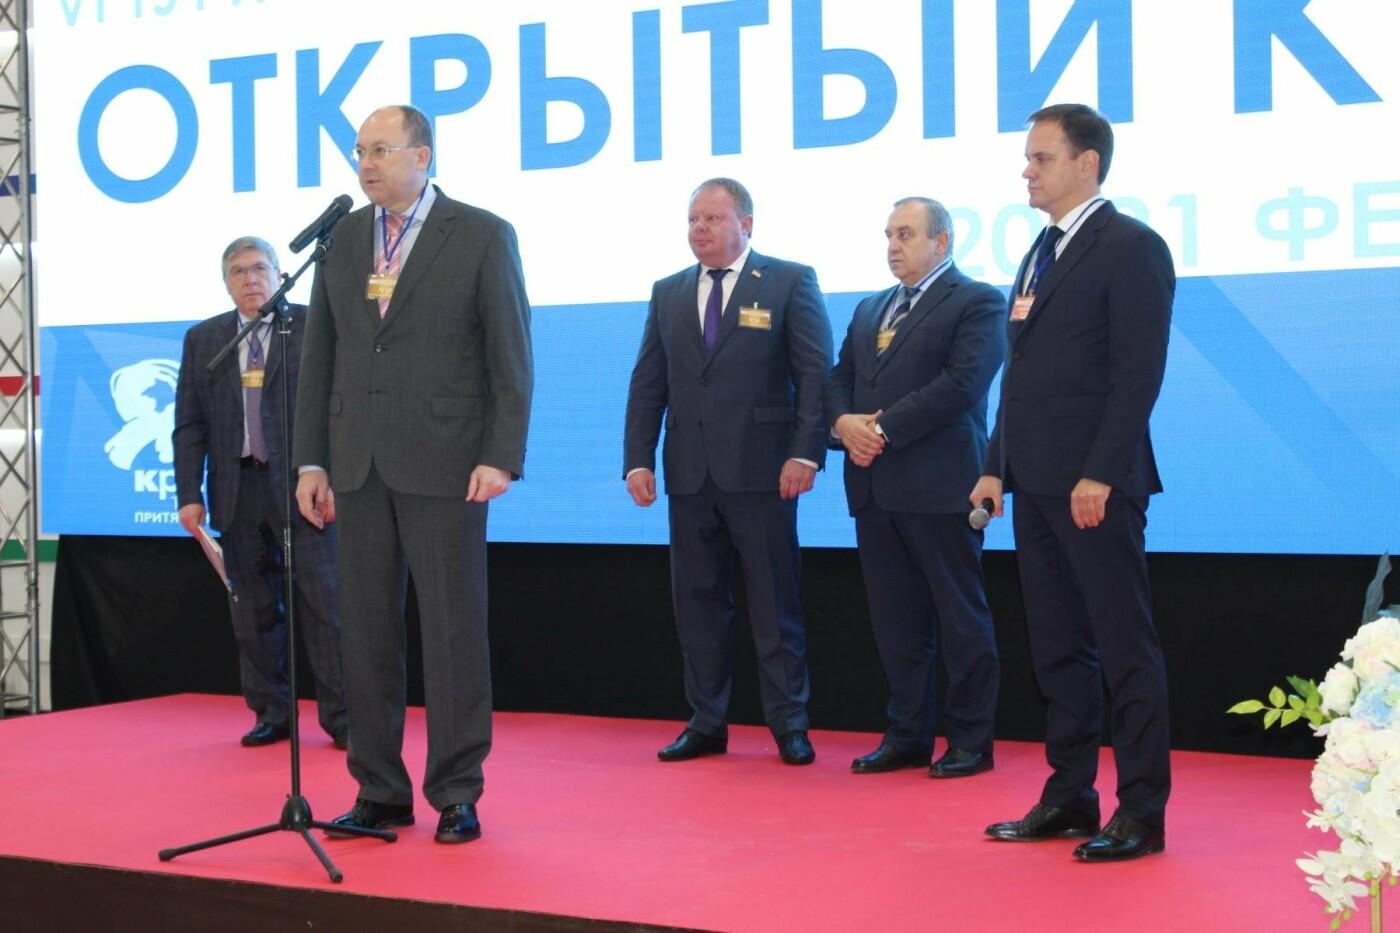 Крым открыт для всех. Начал свою работу VI туристский форум Открытый Крым, фото-3